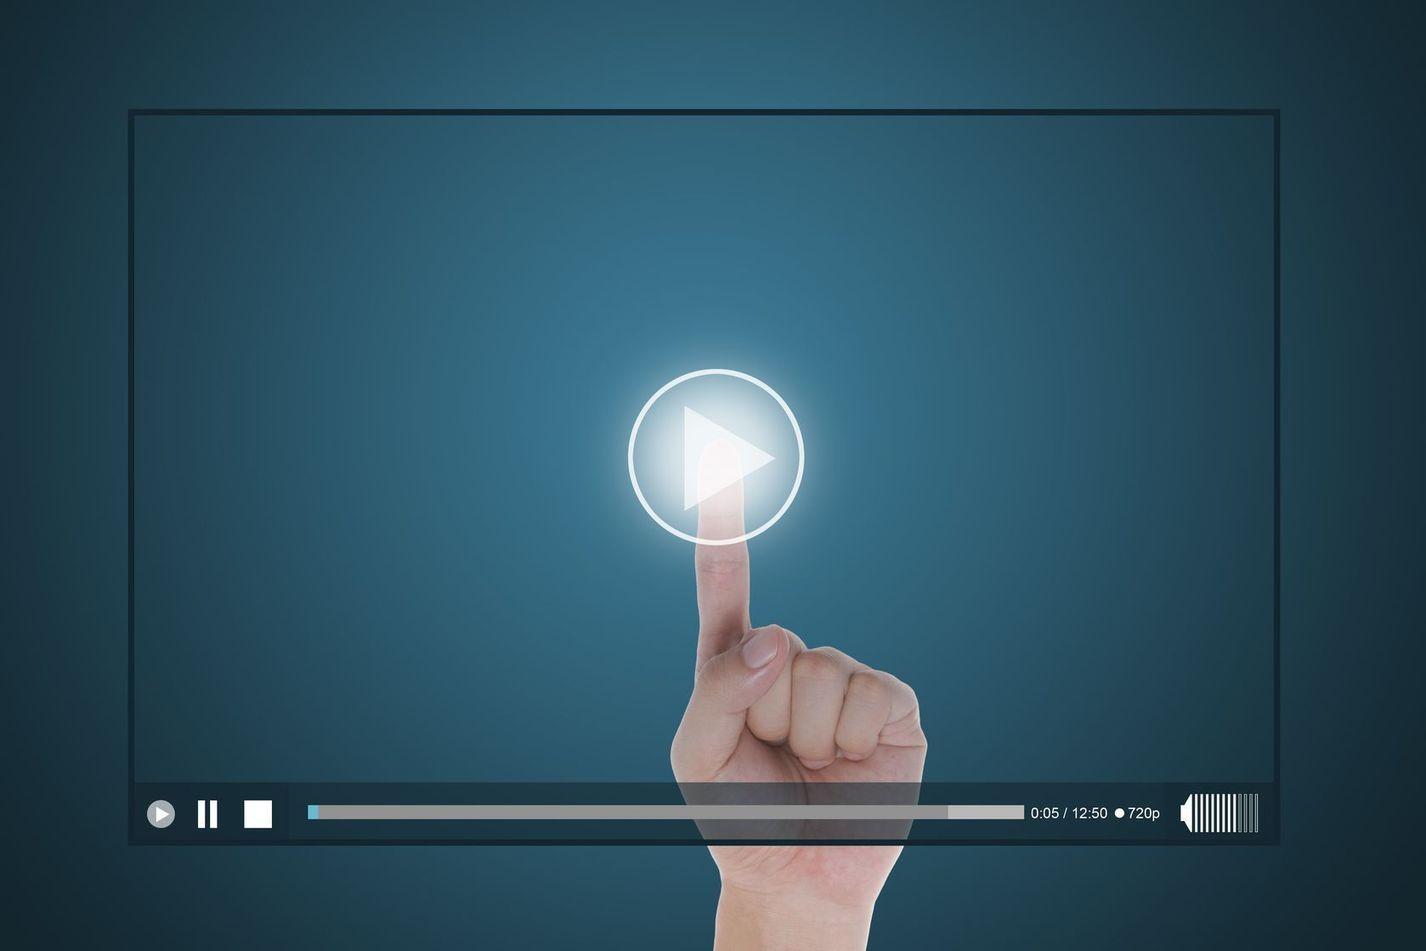 МГТС озаботилась качеством просматриваемого абонентами онлайн-видео в Интернете